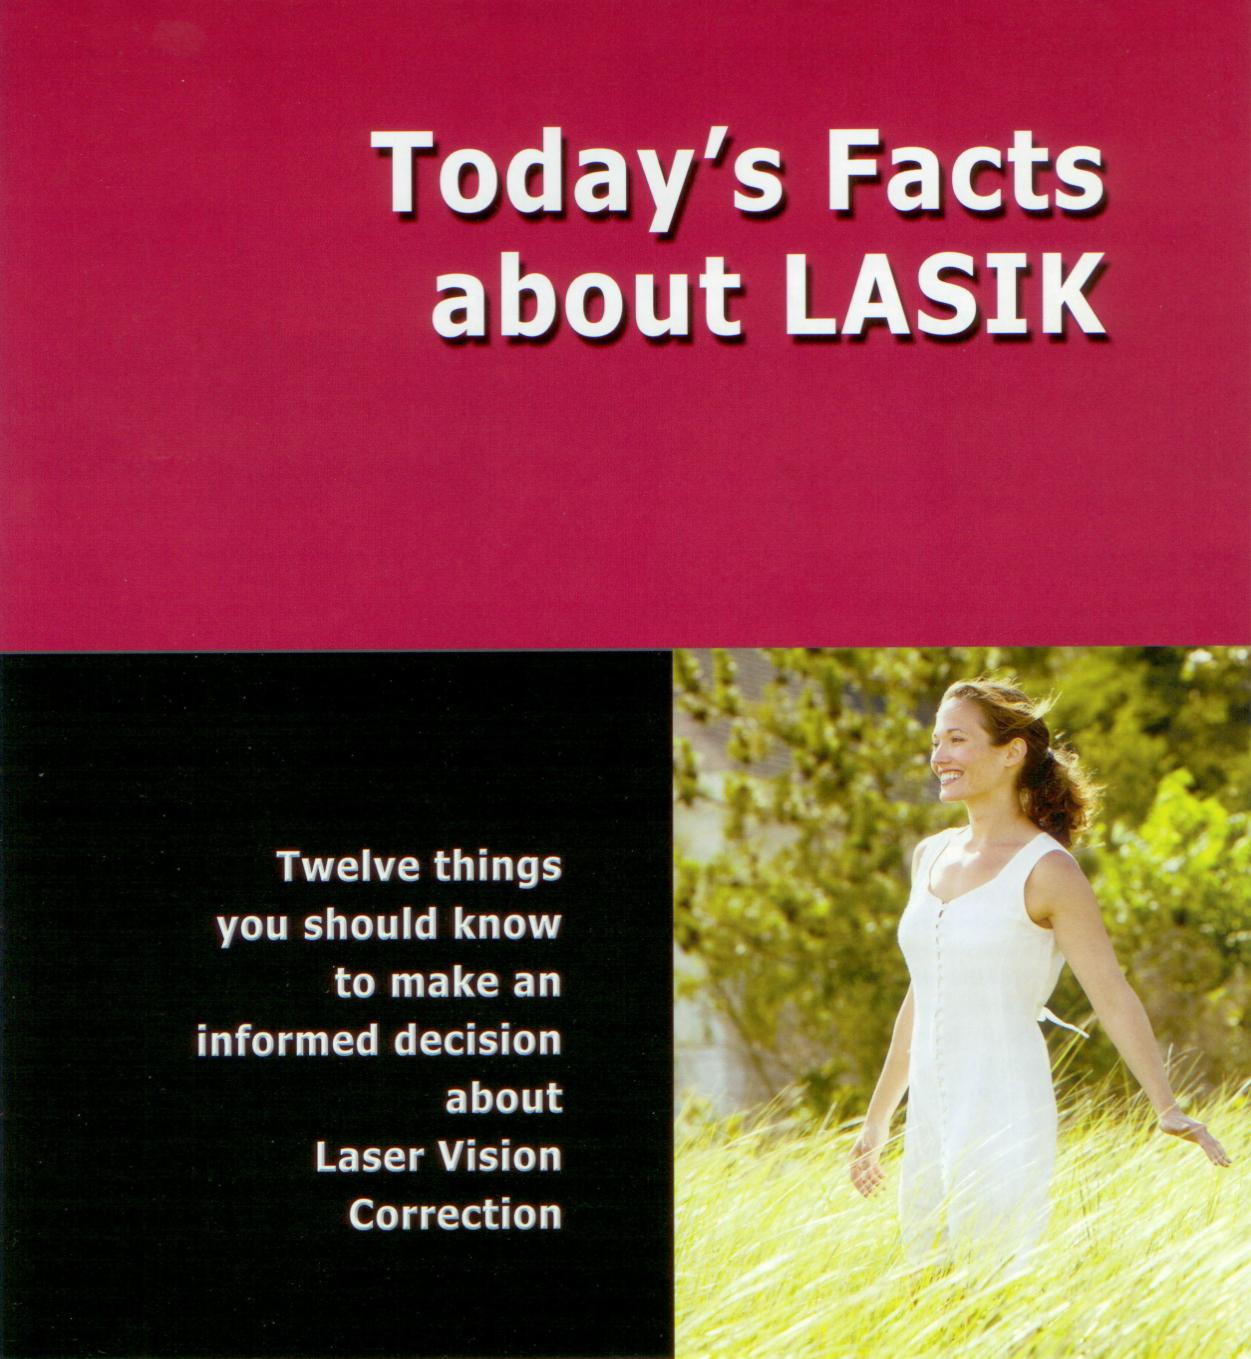 LASIKFacts